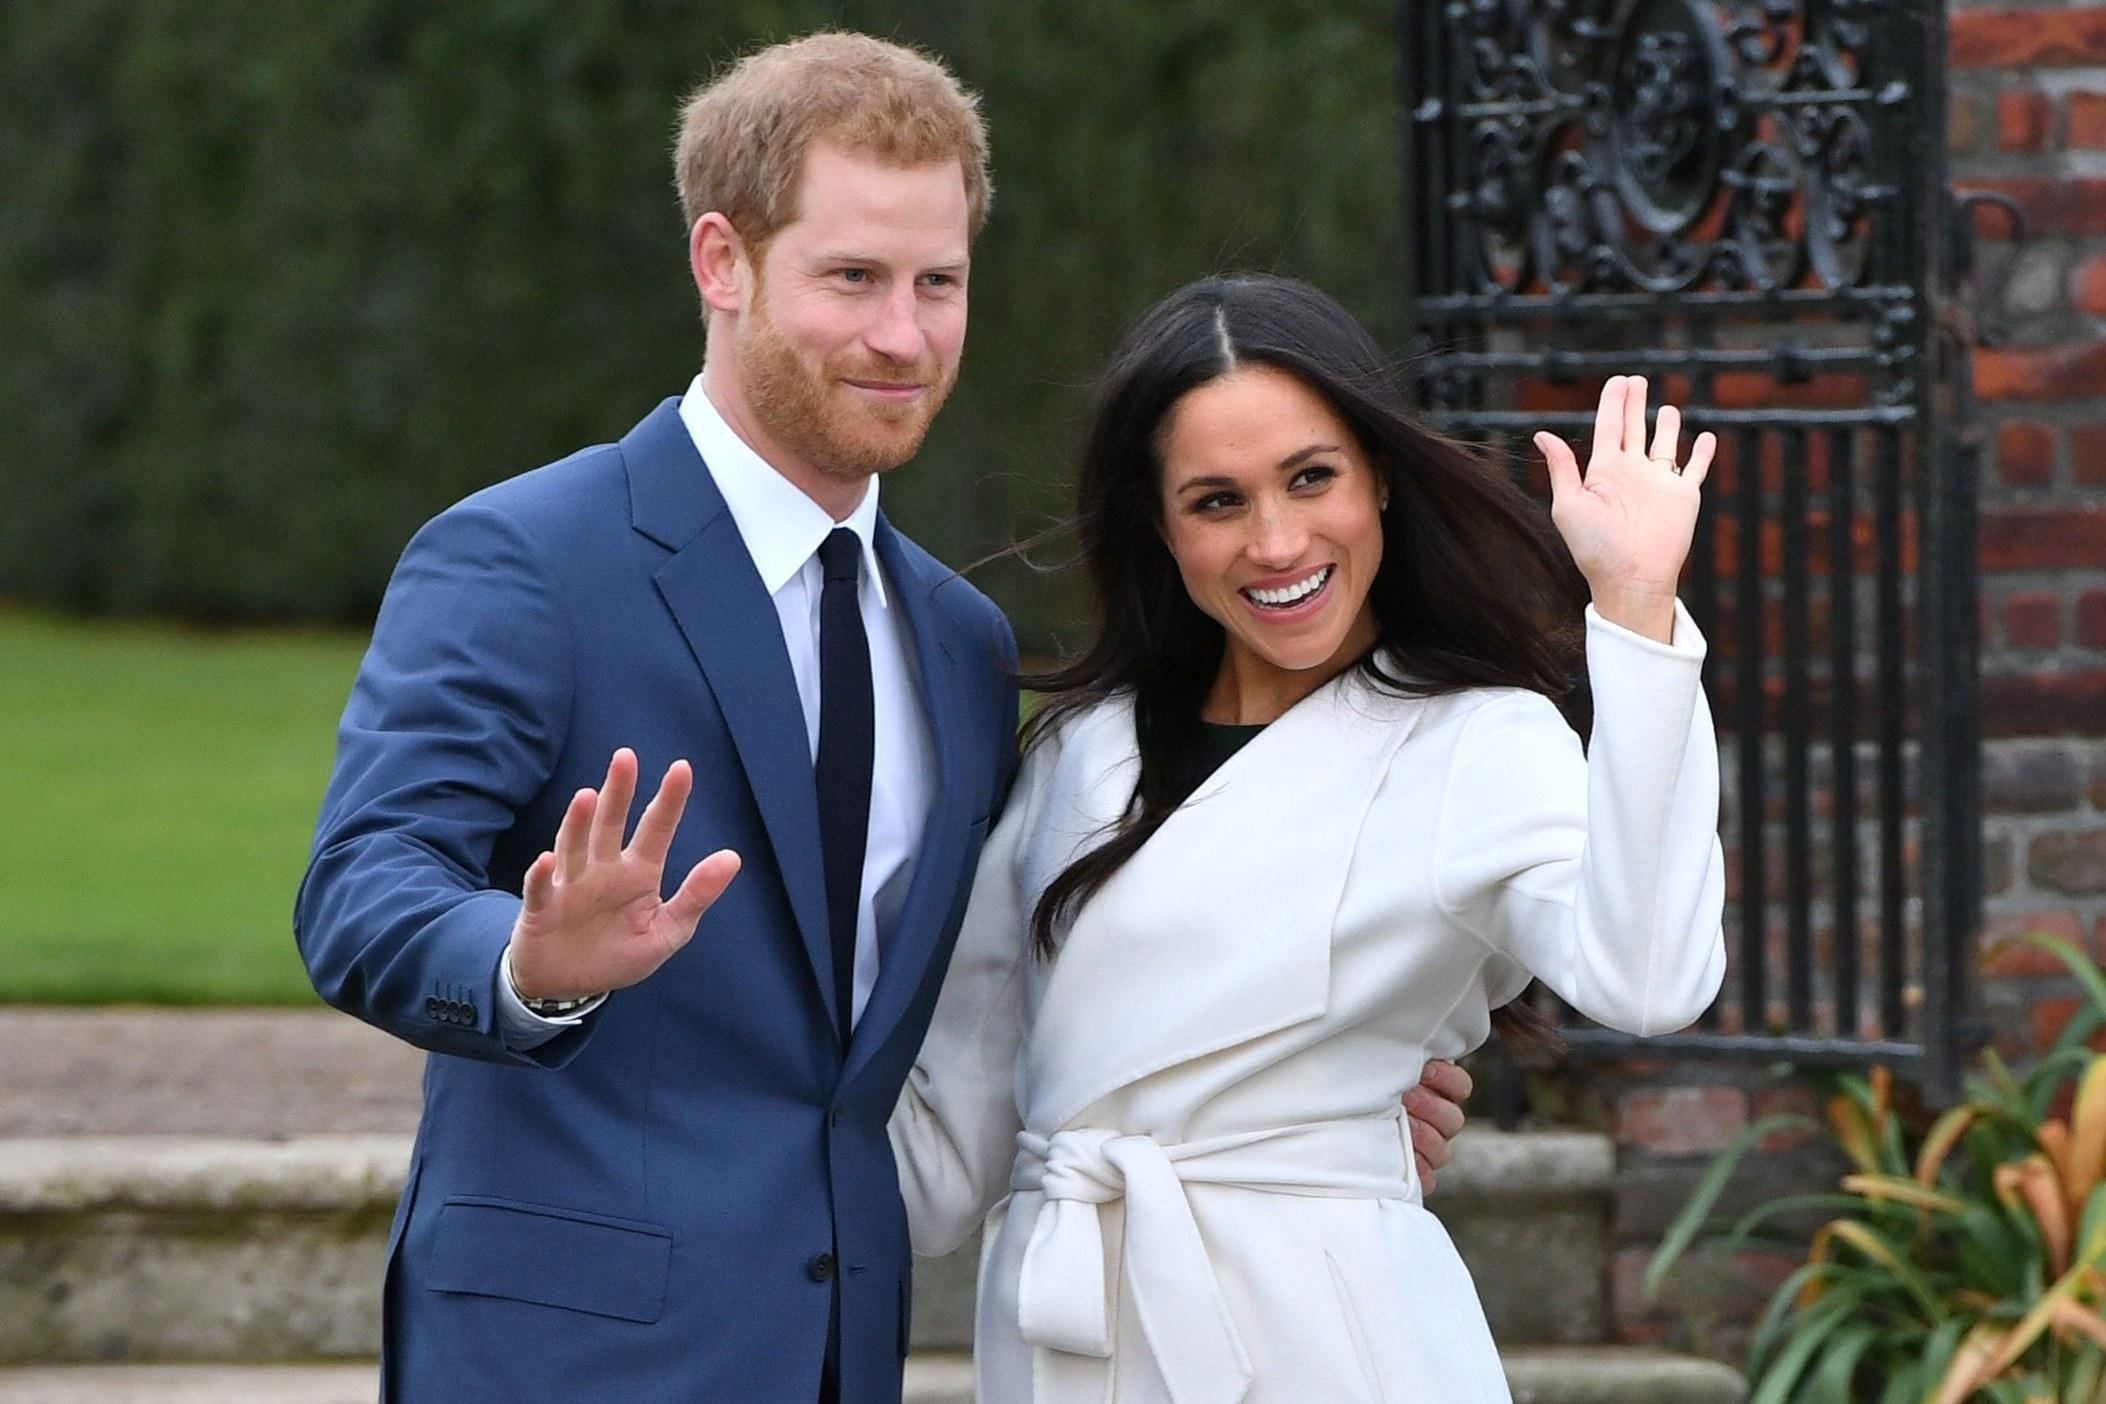 Royal Rumors: כל האמת על החתונה המלכותית (וגם מה שלא)